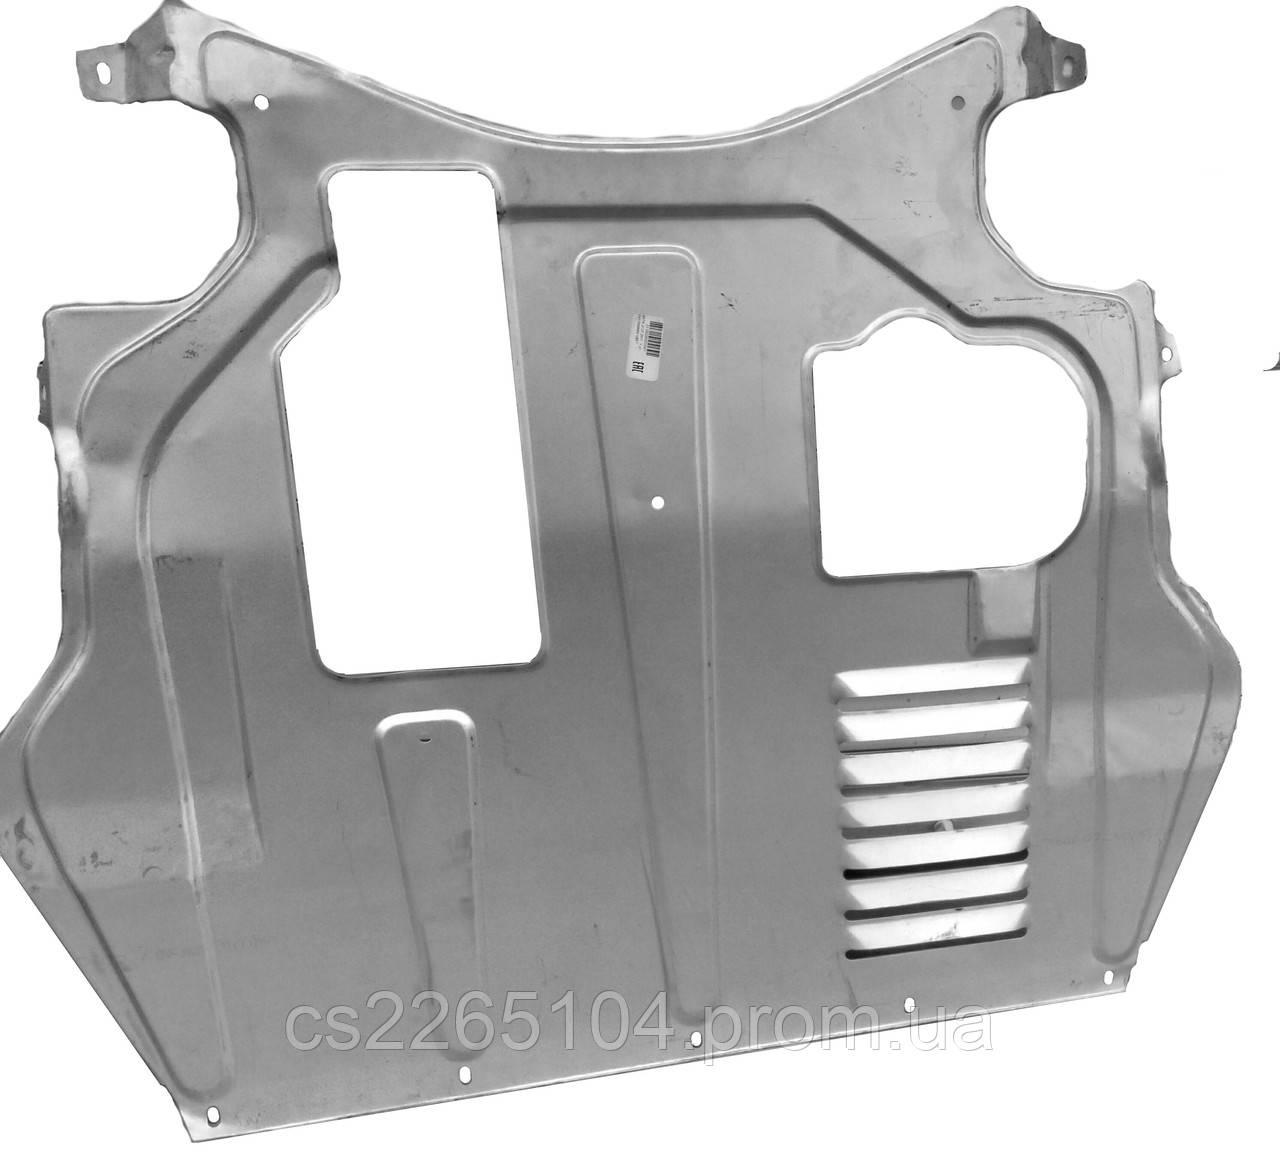 Брызговик двигателя ВАЗ 2110 АвтоВАЗ